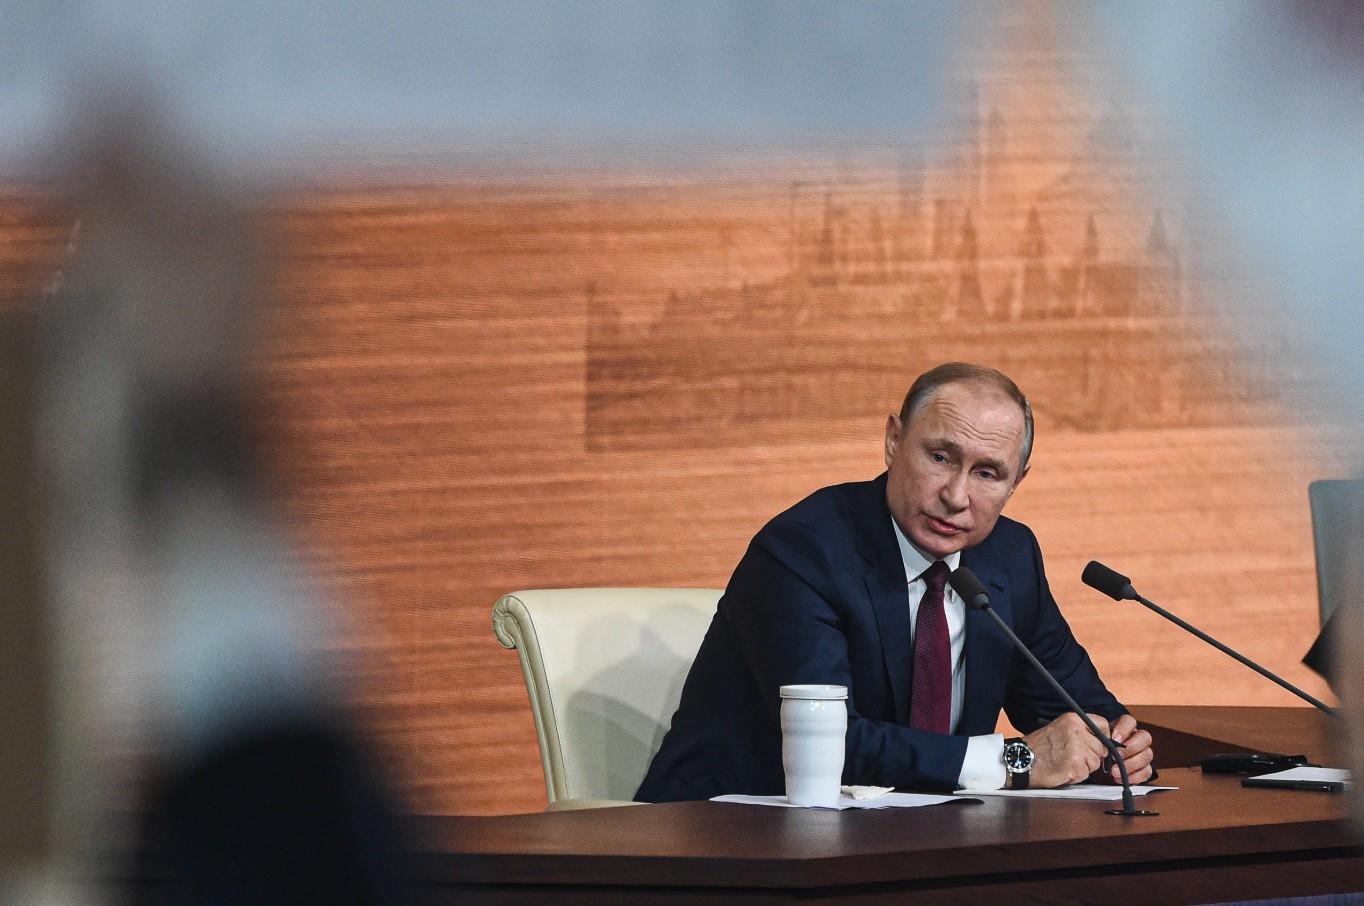 Rusia y China fortalecerán sus lazos para mantener la estabilidad global, dice Putin